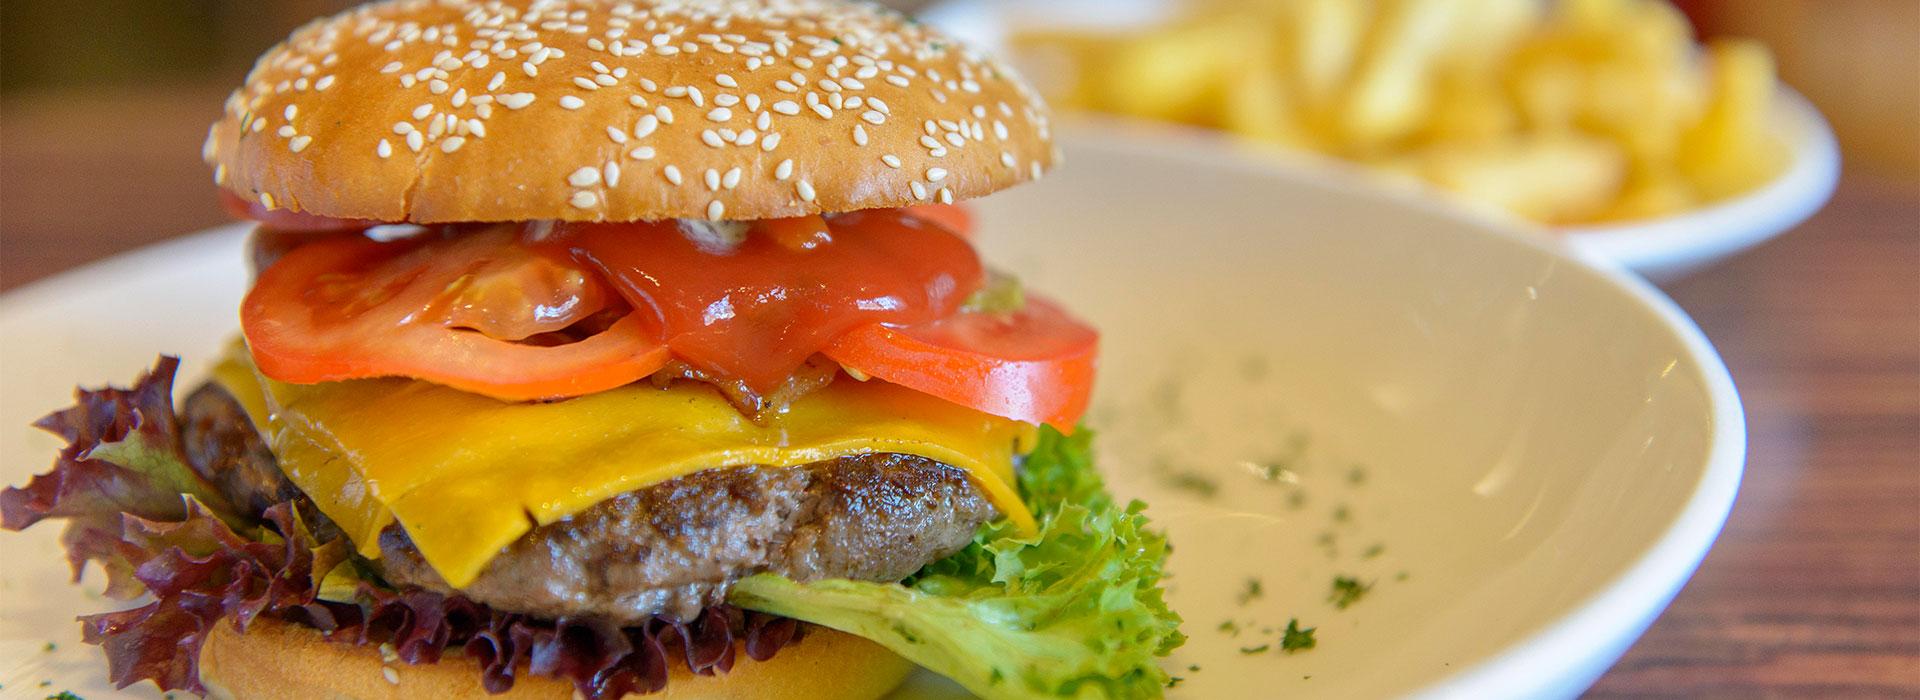 Ein Burger zubereitet vom Restaurant Baumhove in Werne